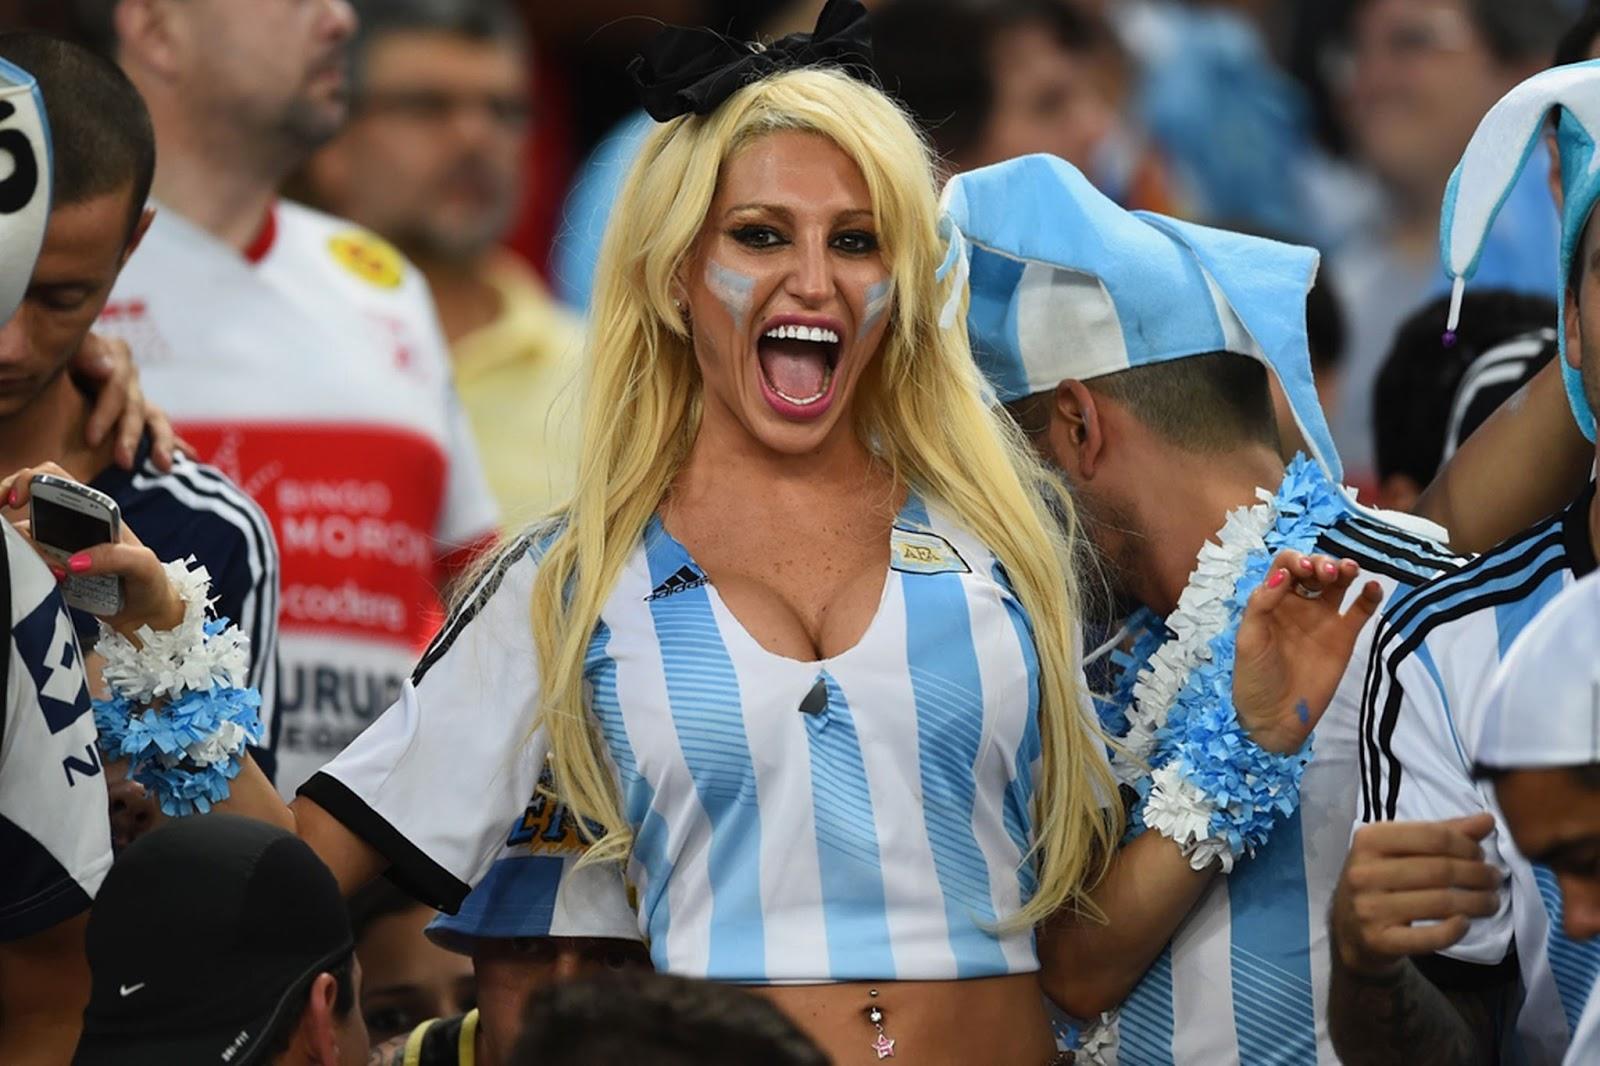 صور اجمل مشجعات كاس العالم 2018 مصراوى الشامل